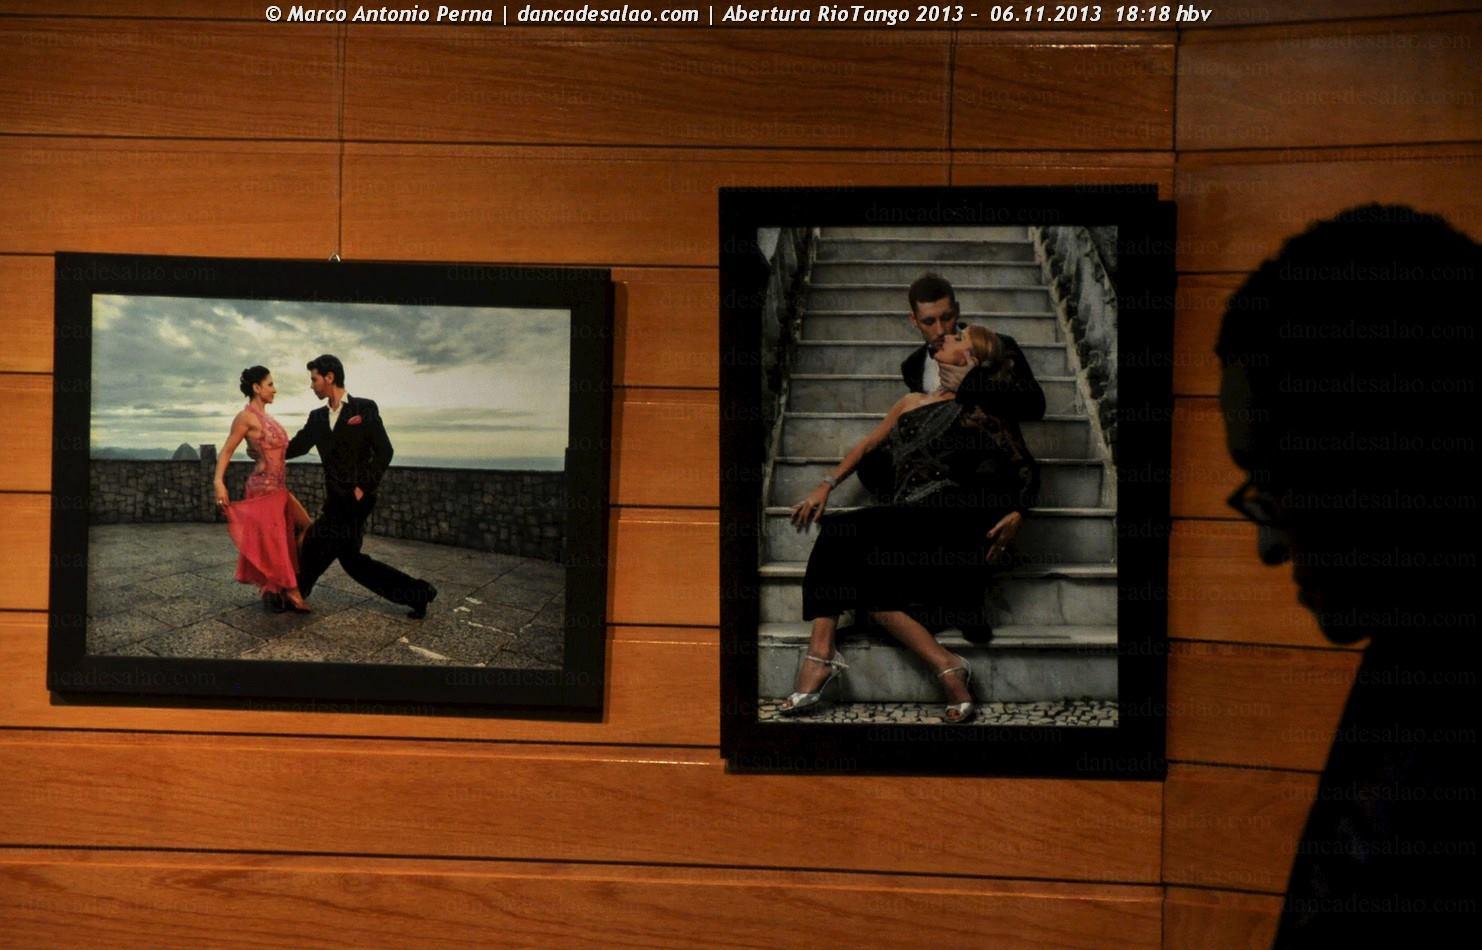 Entrevista publicada na revista Photo & Dansa #1 fotografia e dança, em 2014 Leia aqui: http://issuu.com/marcoantonioperna/docs/photoedansa001/28 Fotos das exposiç...